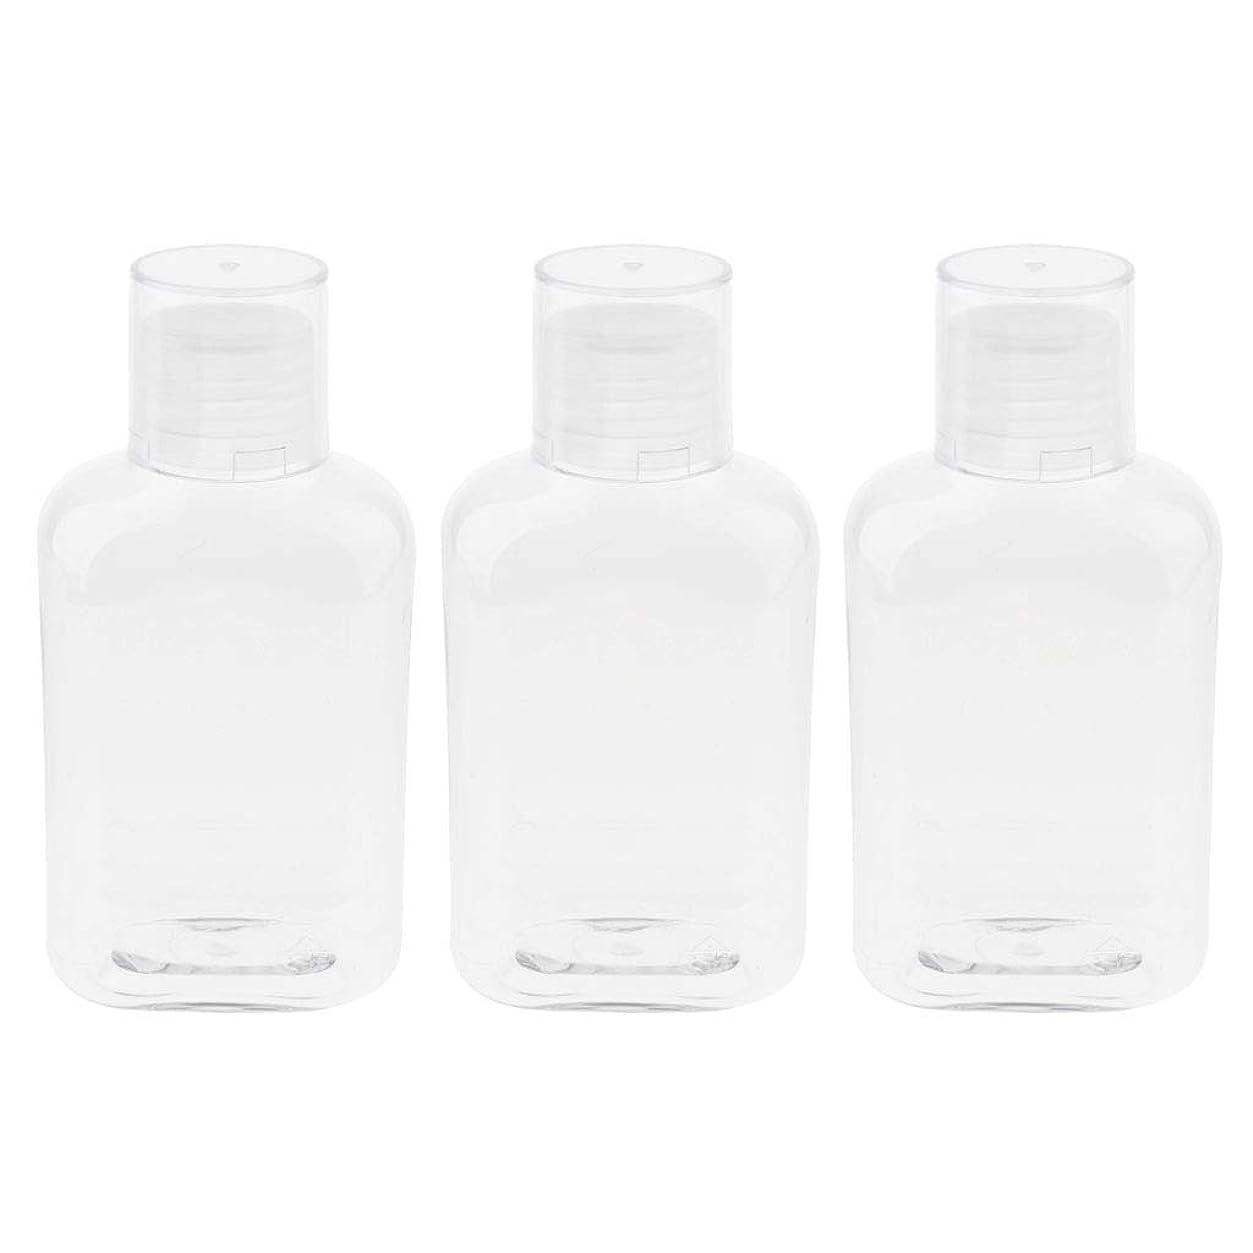 晩餐物理的に嫌がるgazechimp 空のボトル 詰替え容器 収納ボトル 収納瓶 液体ボトル ローションボトル 3個入 - クリアキャップ